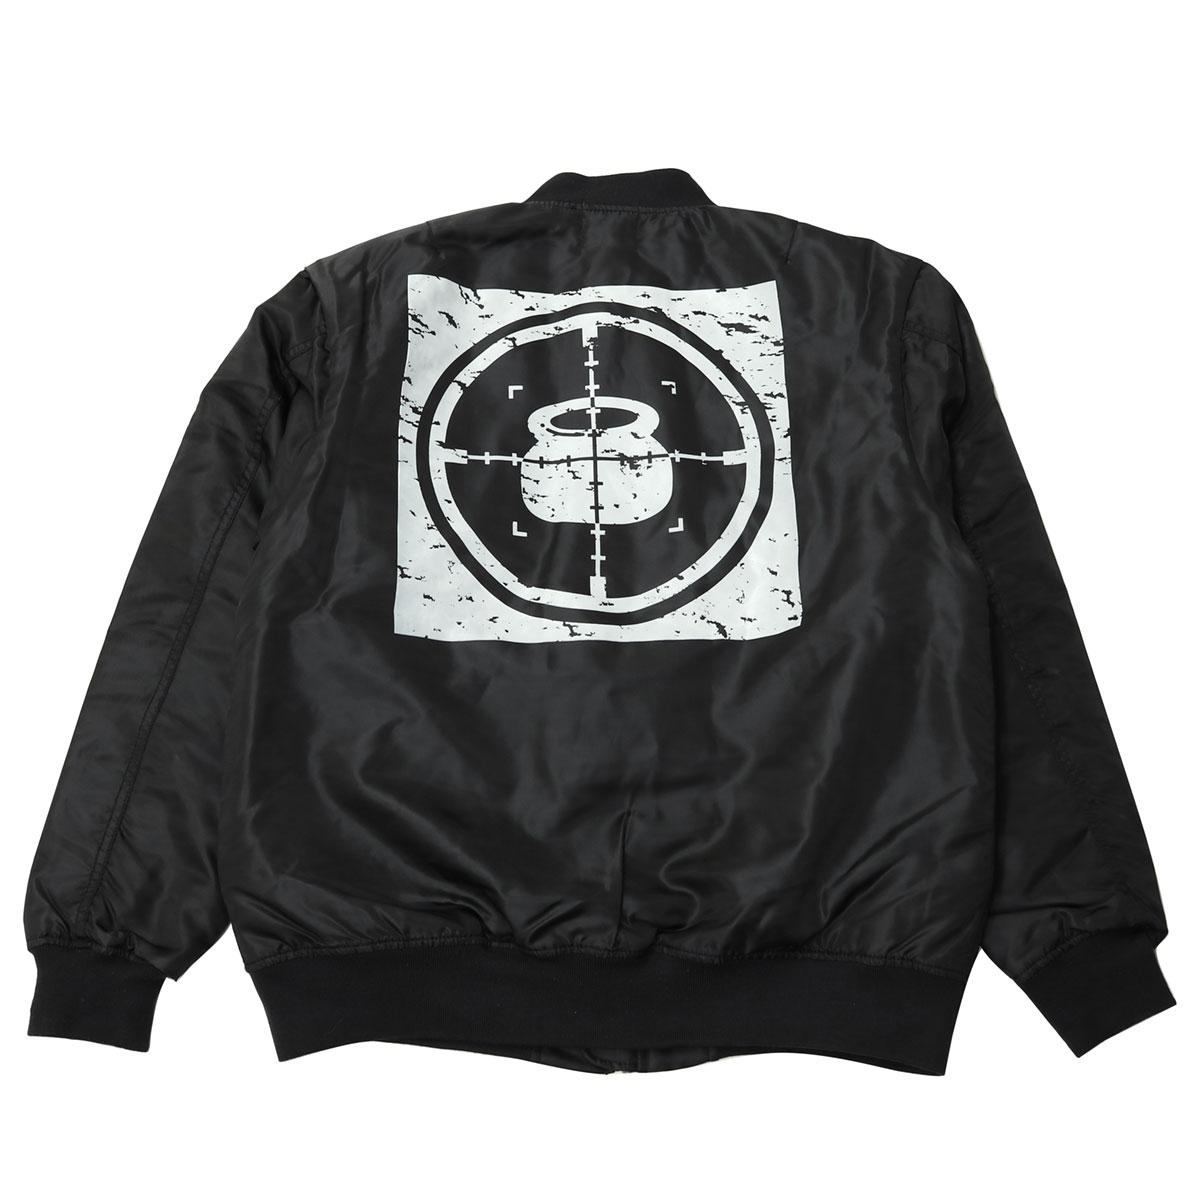 Scope Bomber JKT (Black)